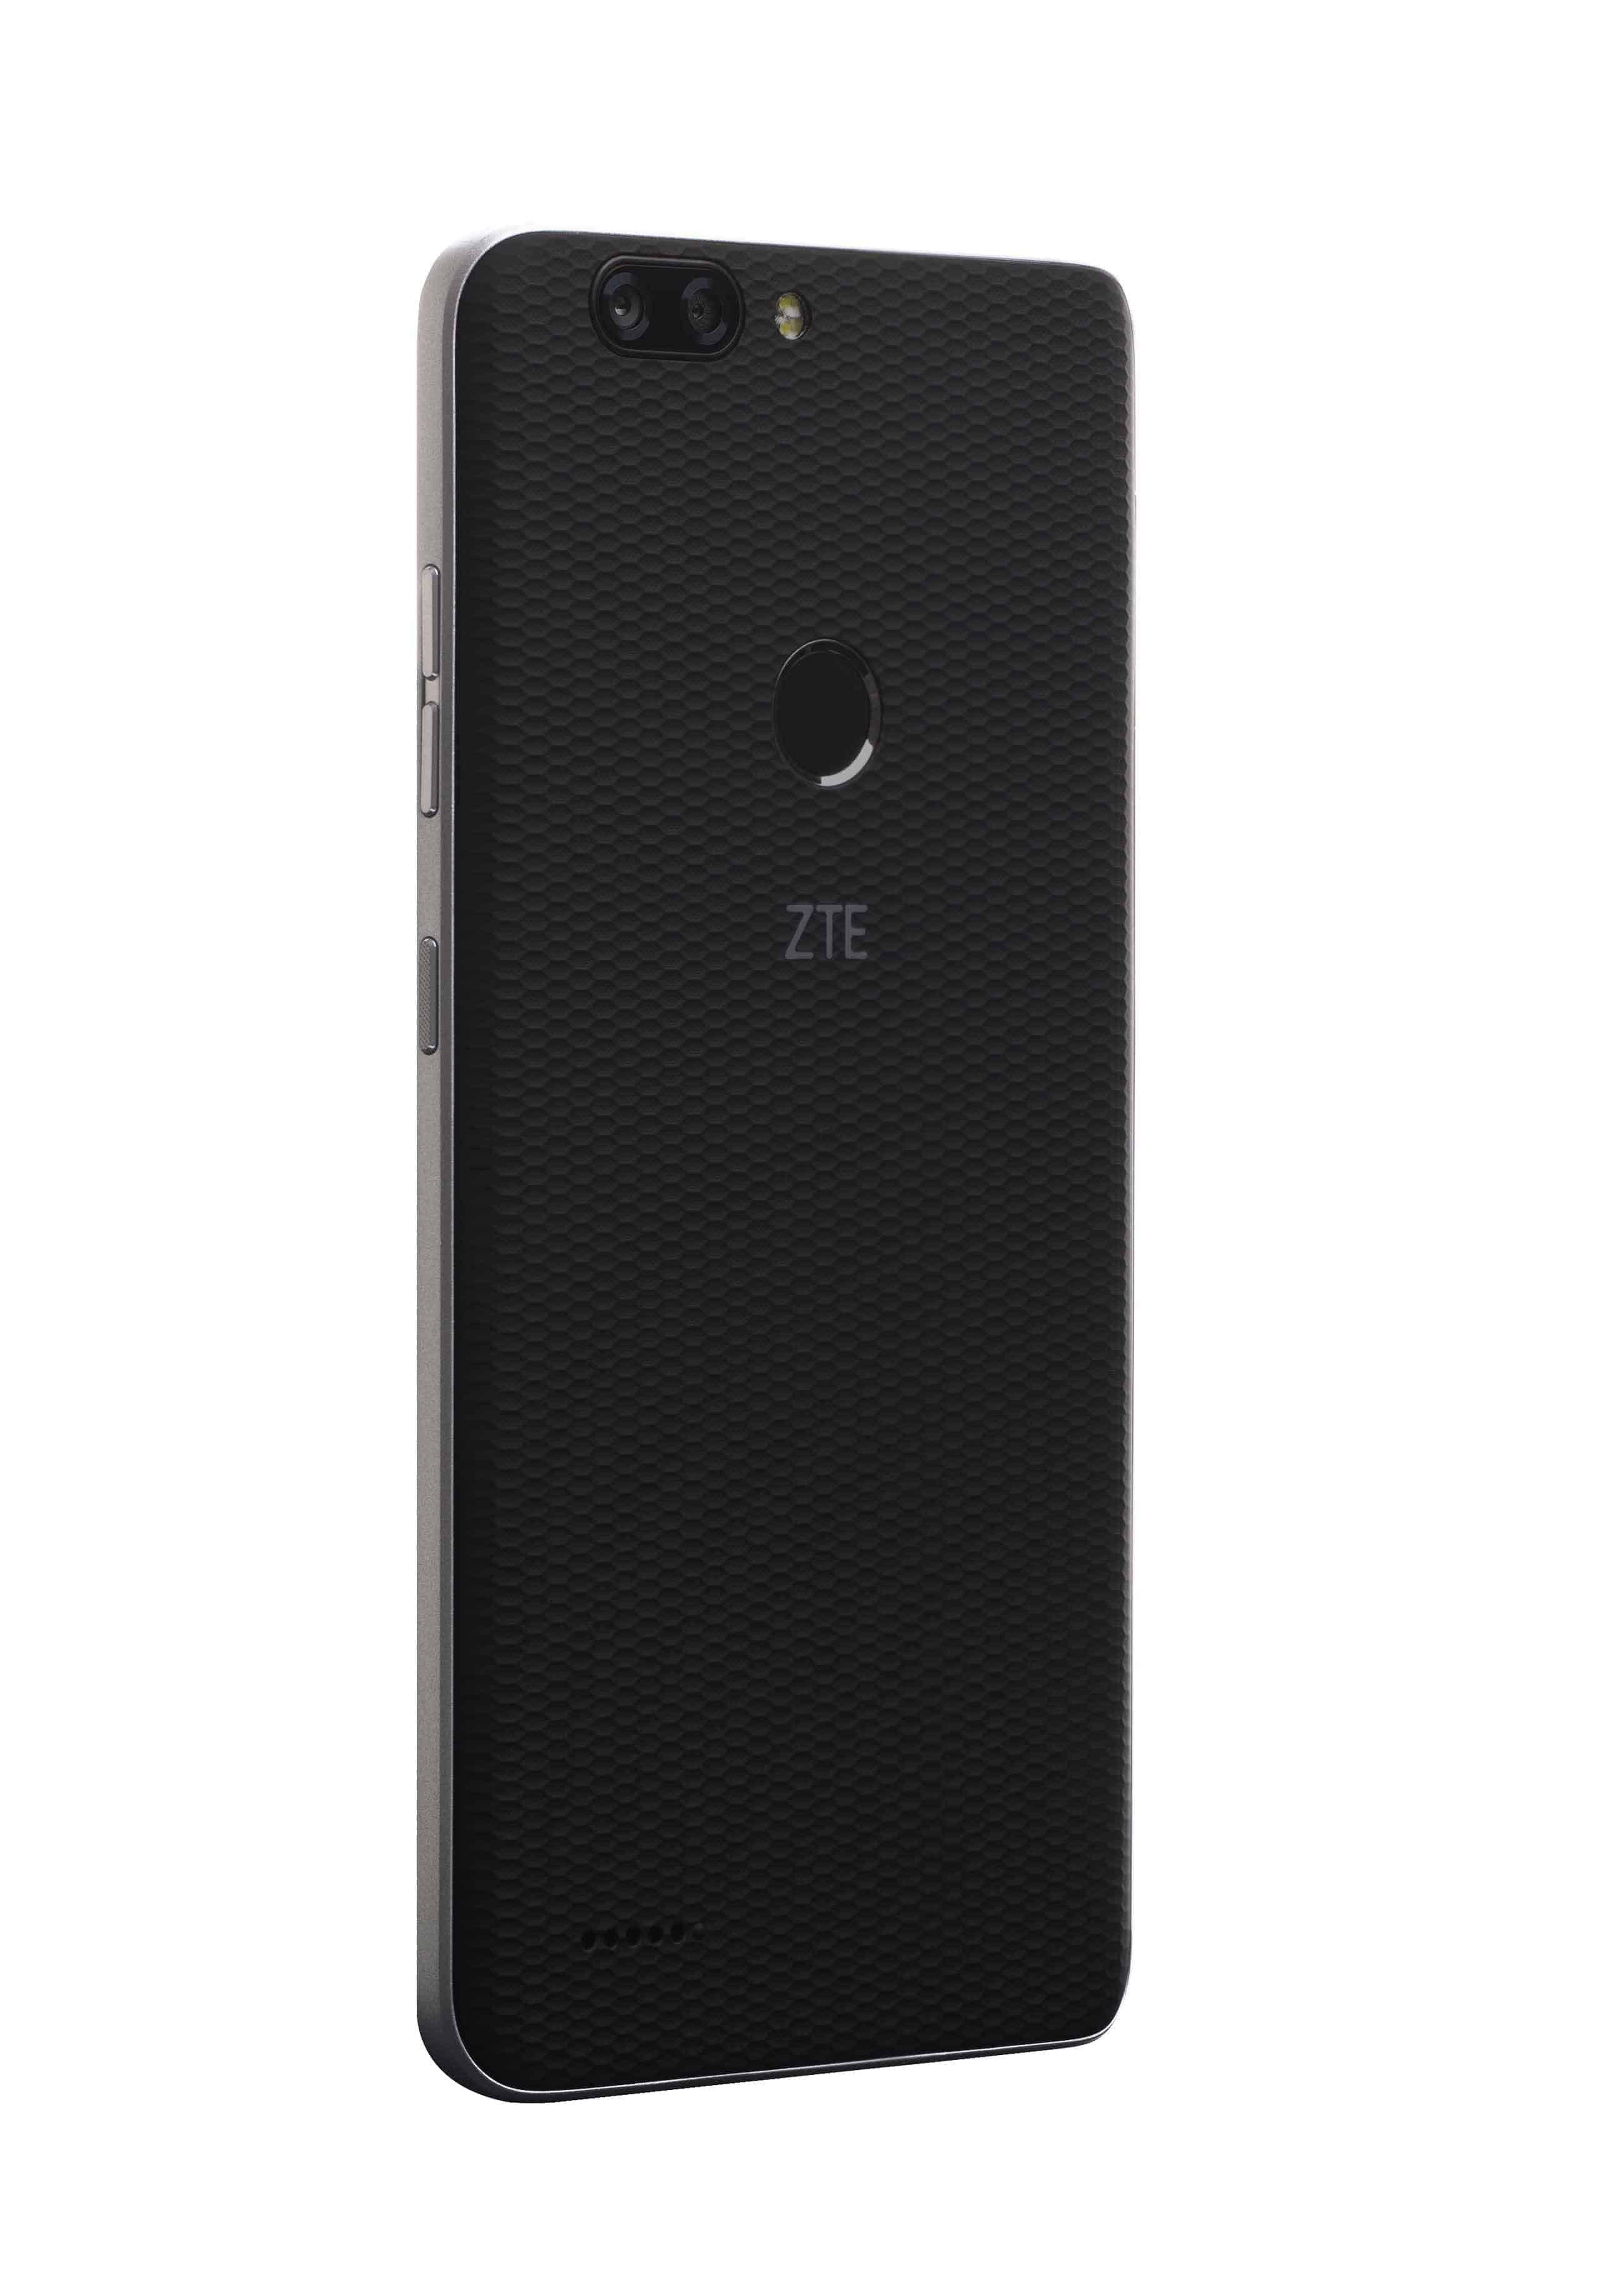 ZTE Blade Z Max 7